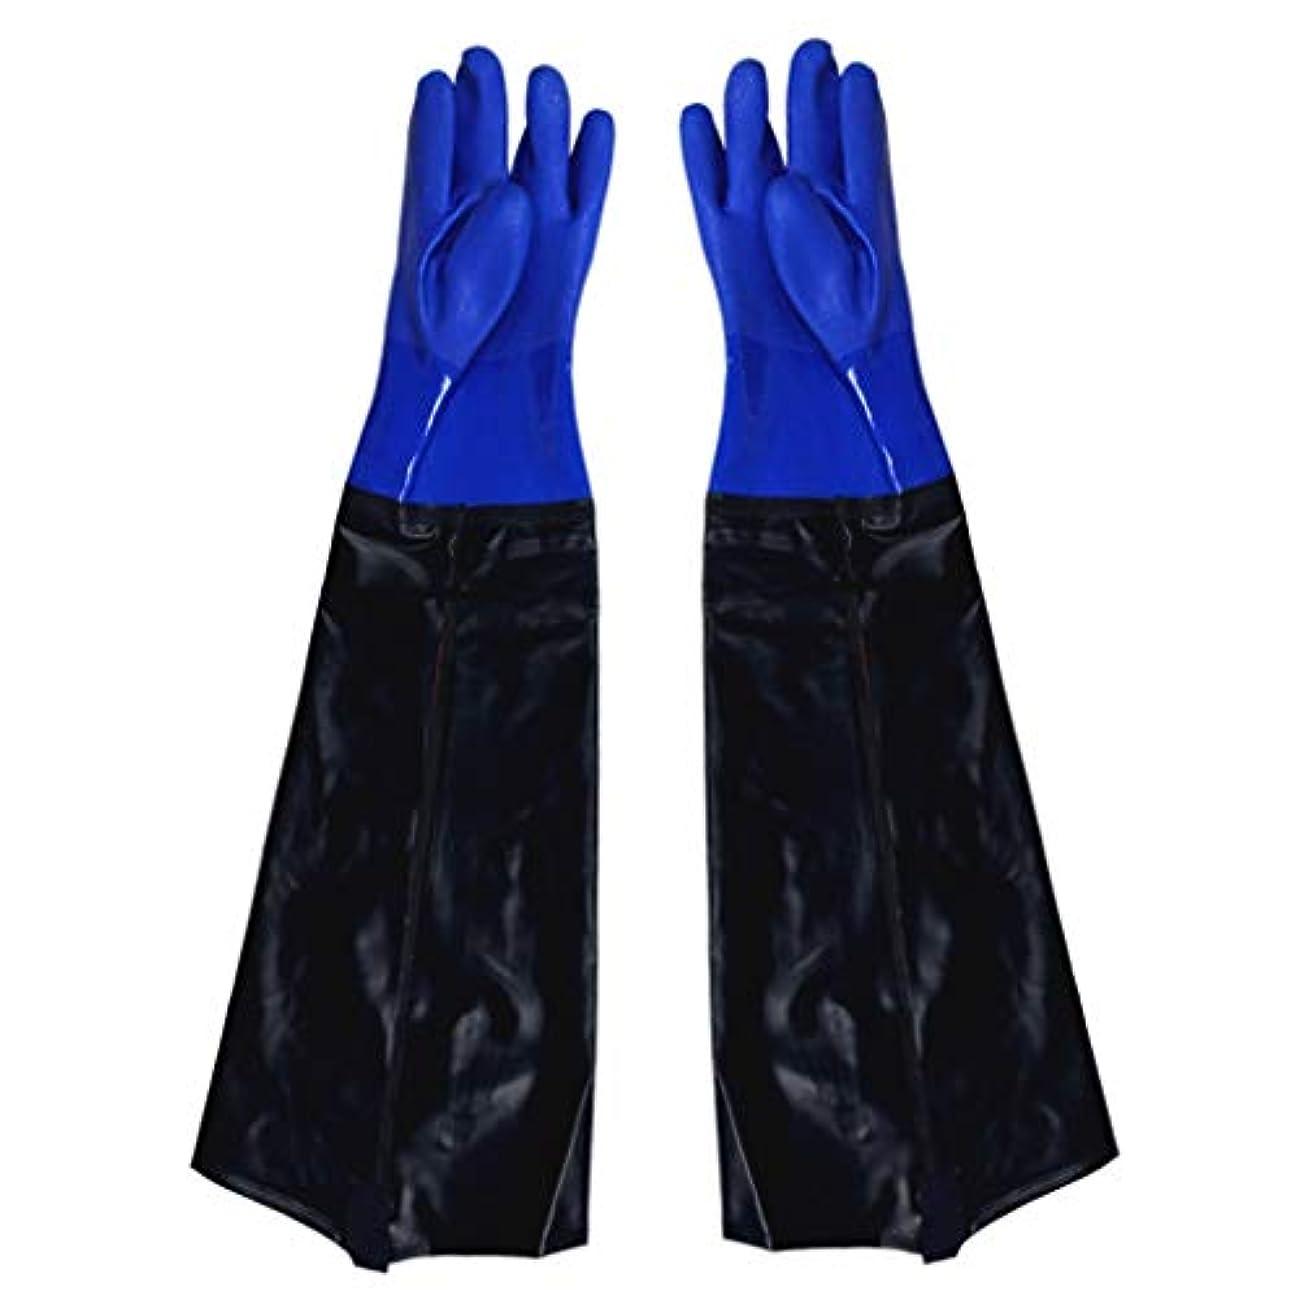 宅配便薬理学承認ゴム手袋 - 漁業に強い耐久性のある酸とアルカリを広げることを長くすること